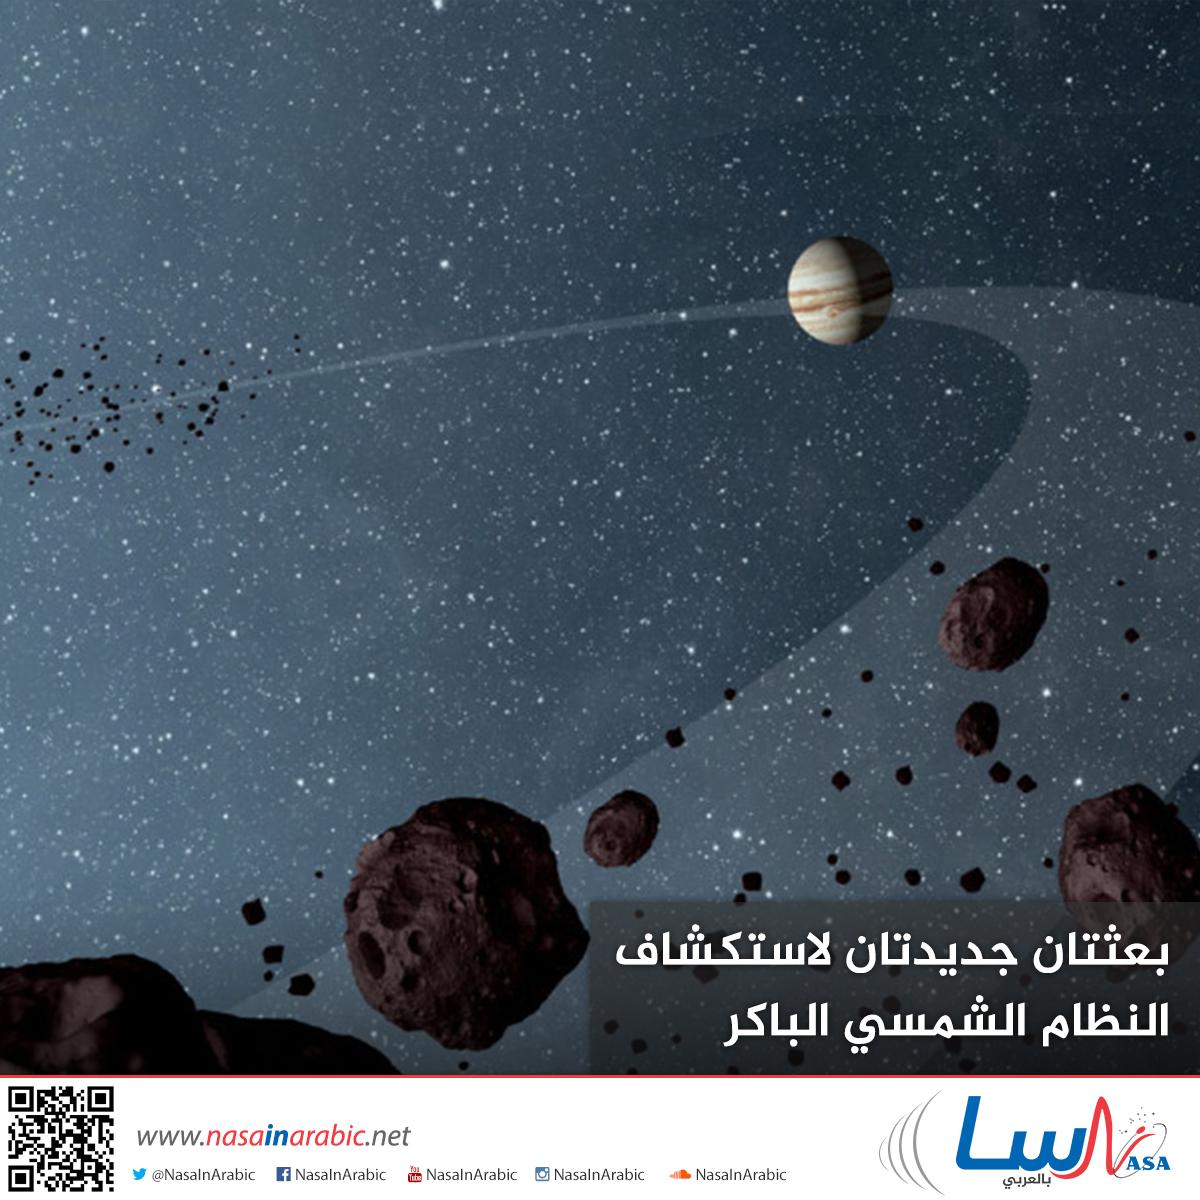 بعثتان جديدتان لاستكشاف النظام الشمسي الباكر